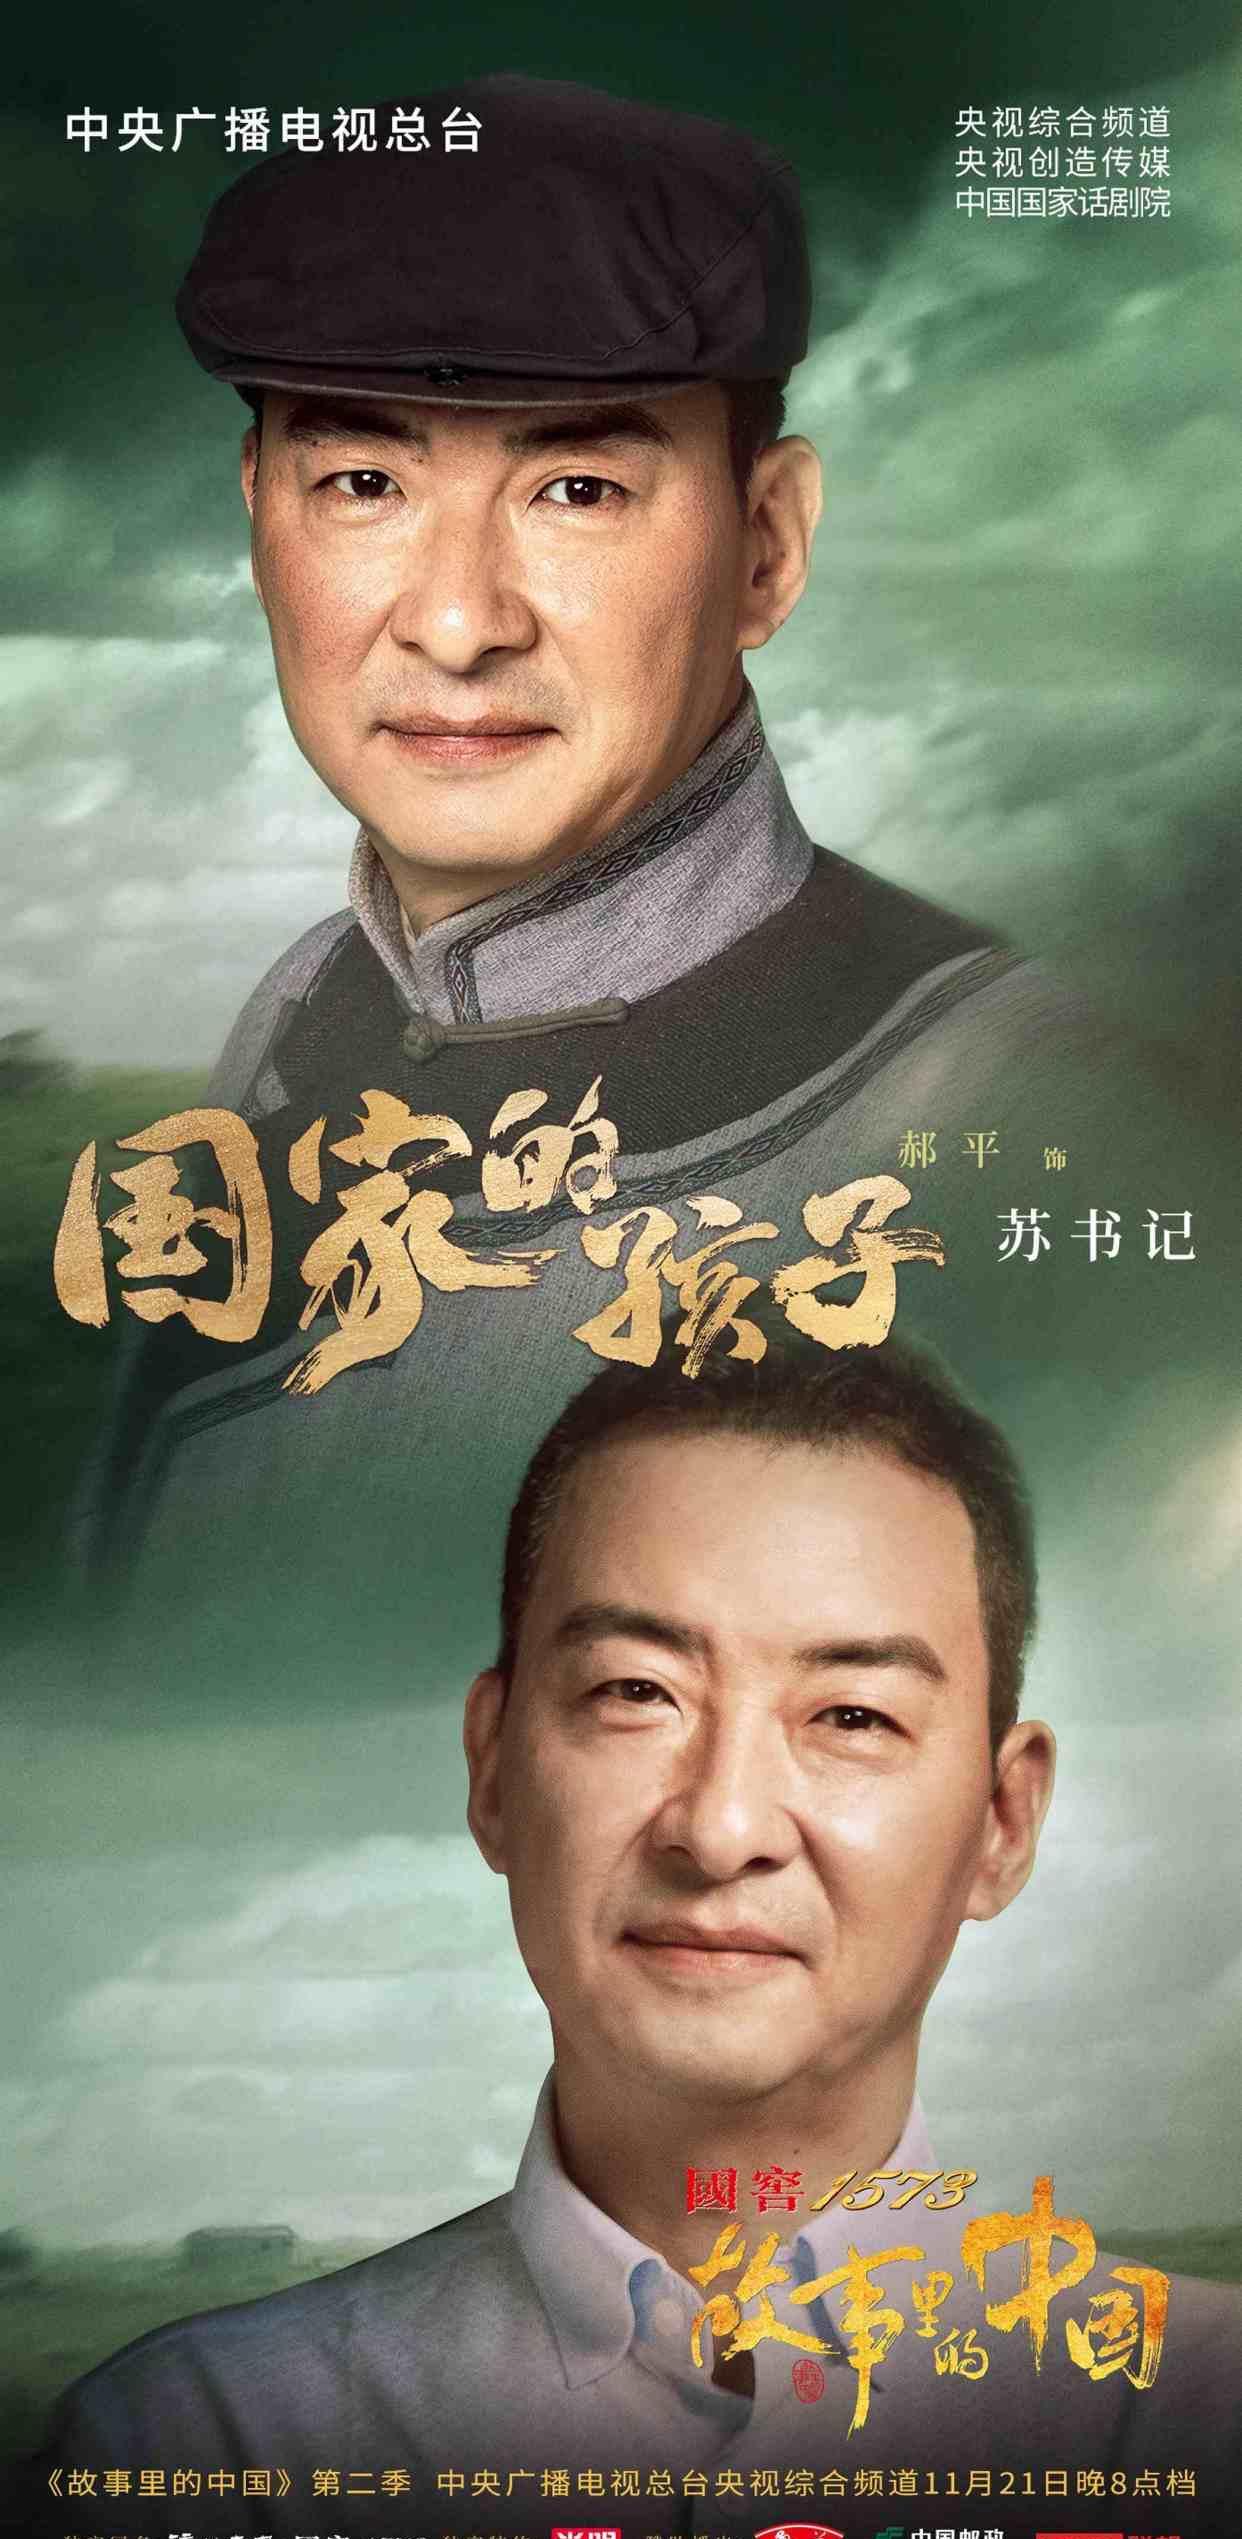 郝平深情参演《故事里的中国》演绎草原上的感人故事